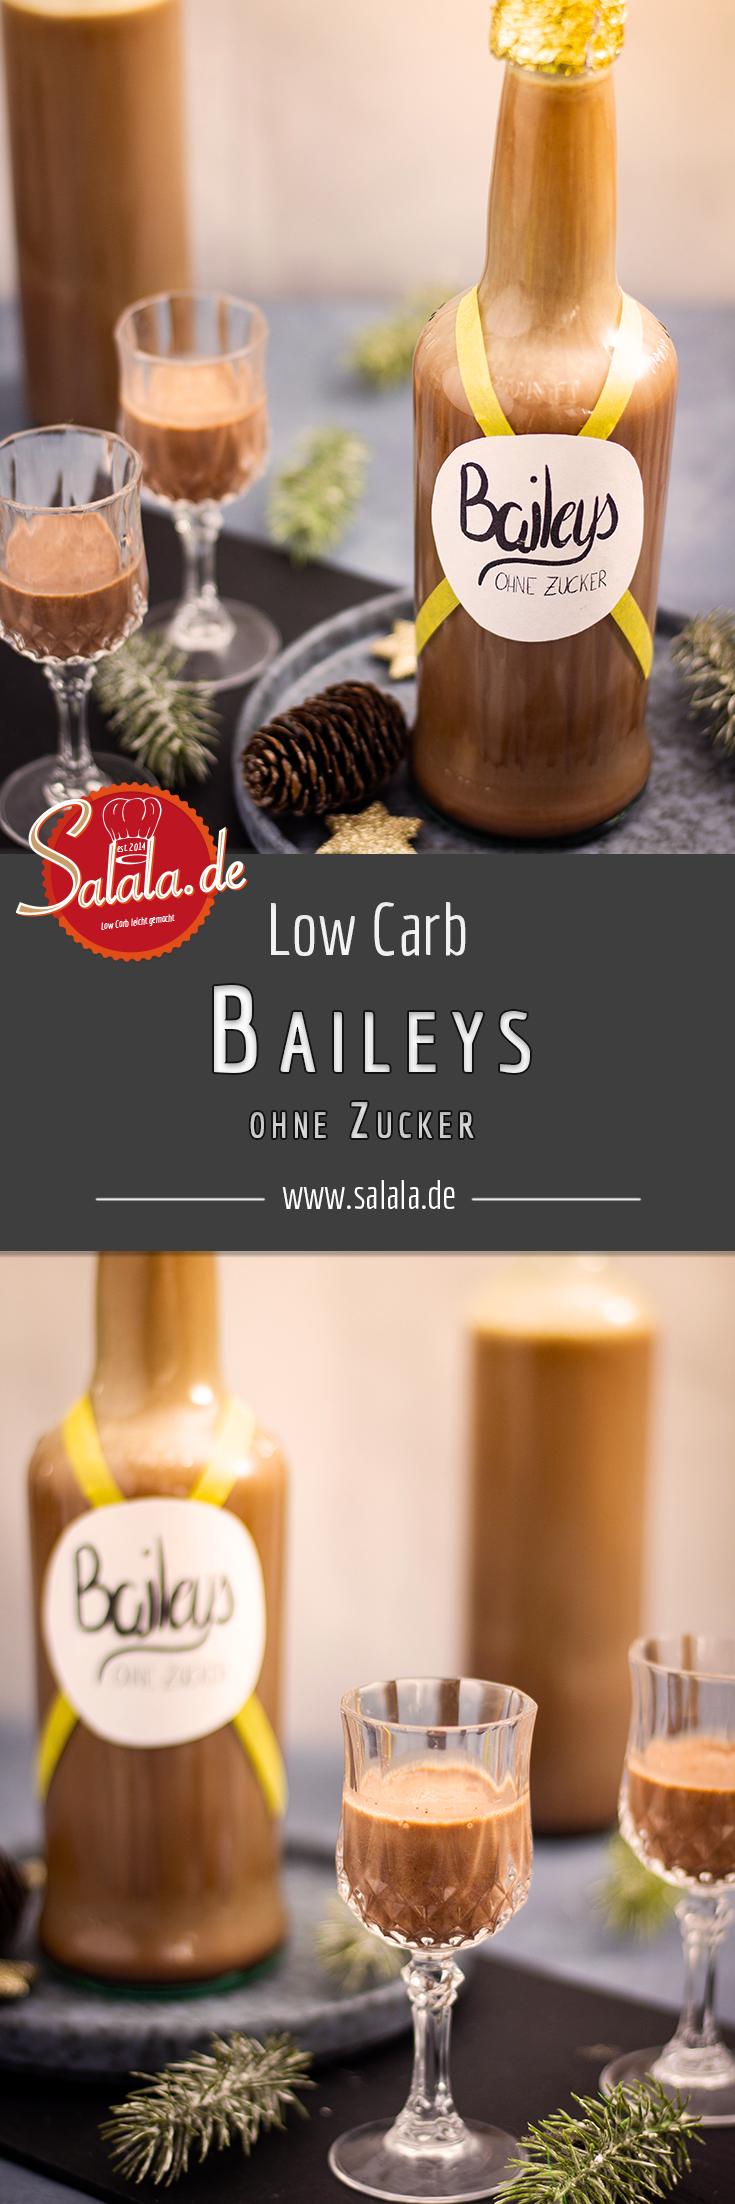 Low Carb Baileys ohne Zucker #lowcarbveggies